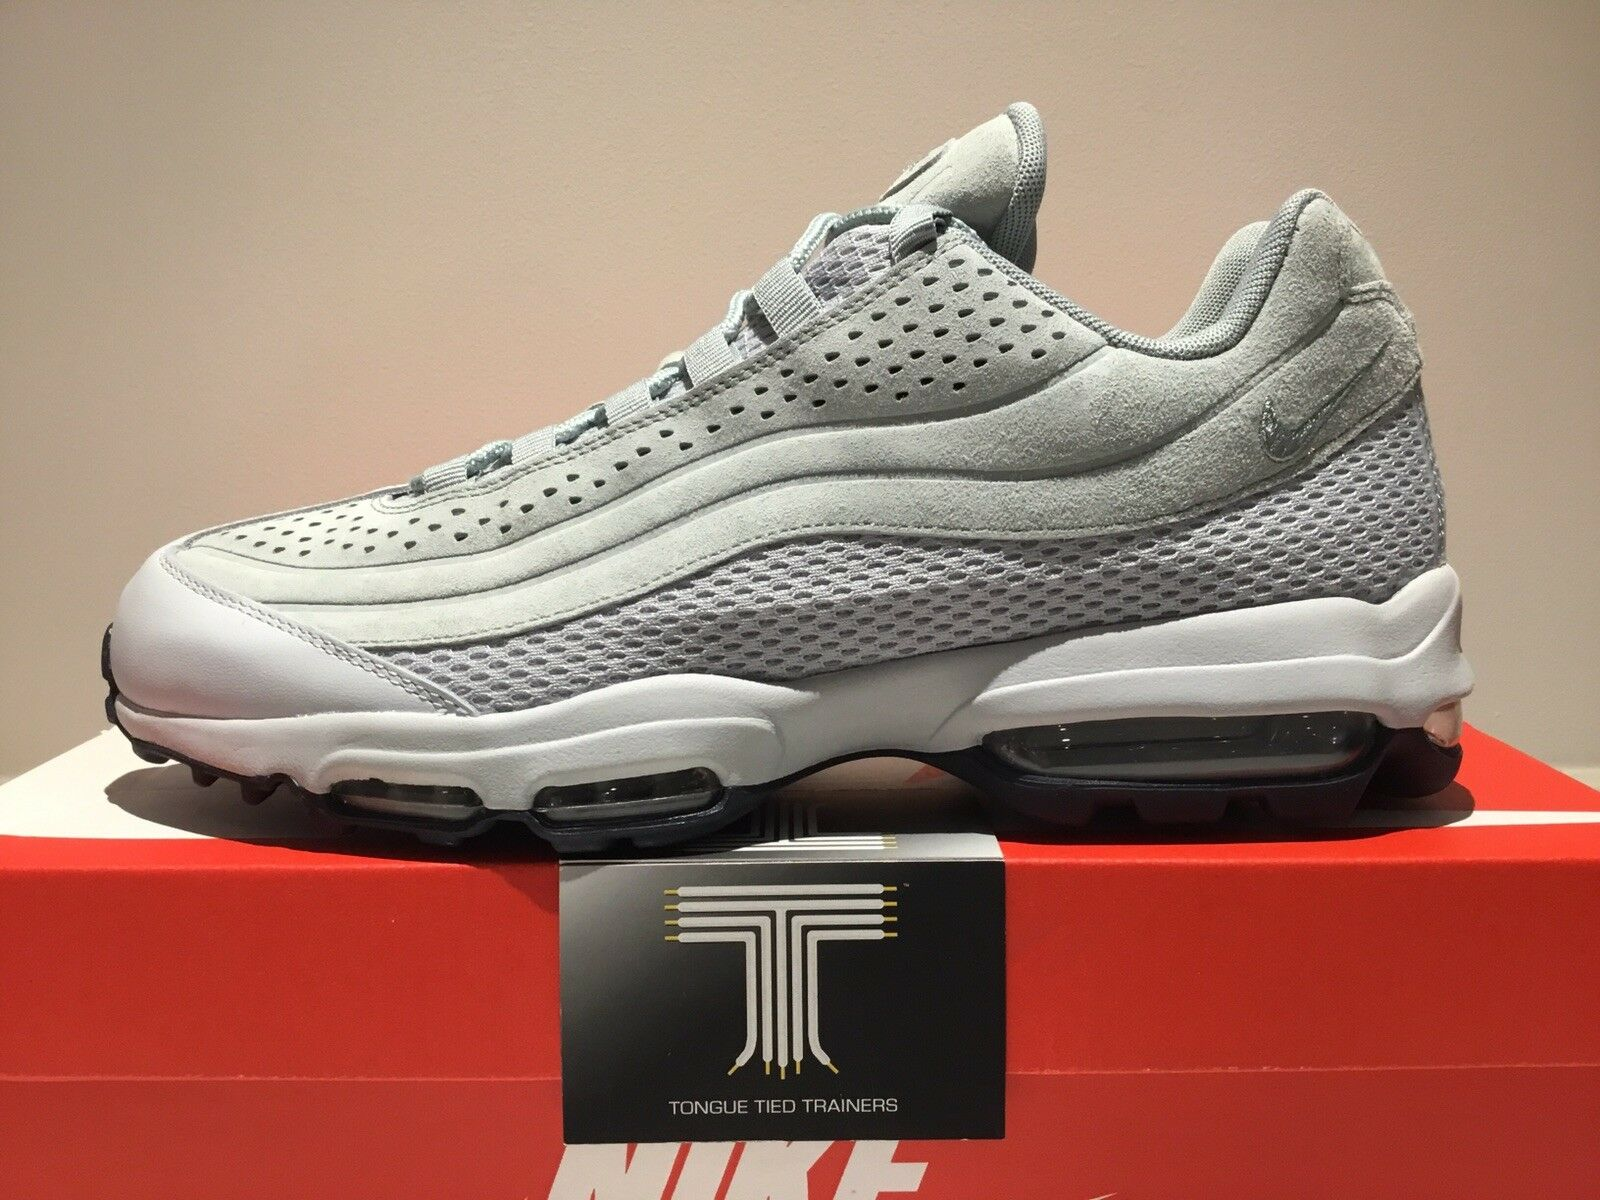 Nike air max max max 95 ultra premium br - ao2438 001 - größe 9. dc1e77